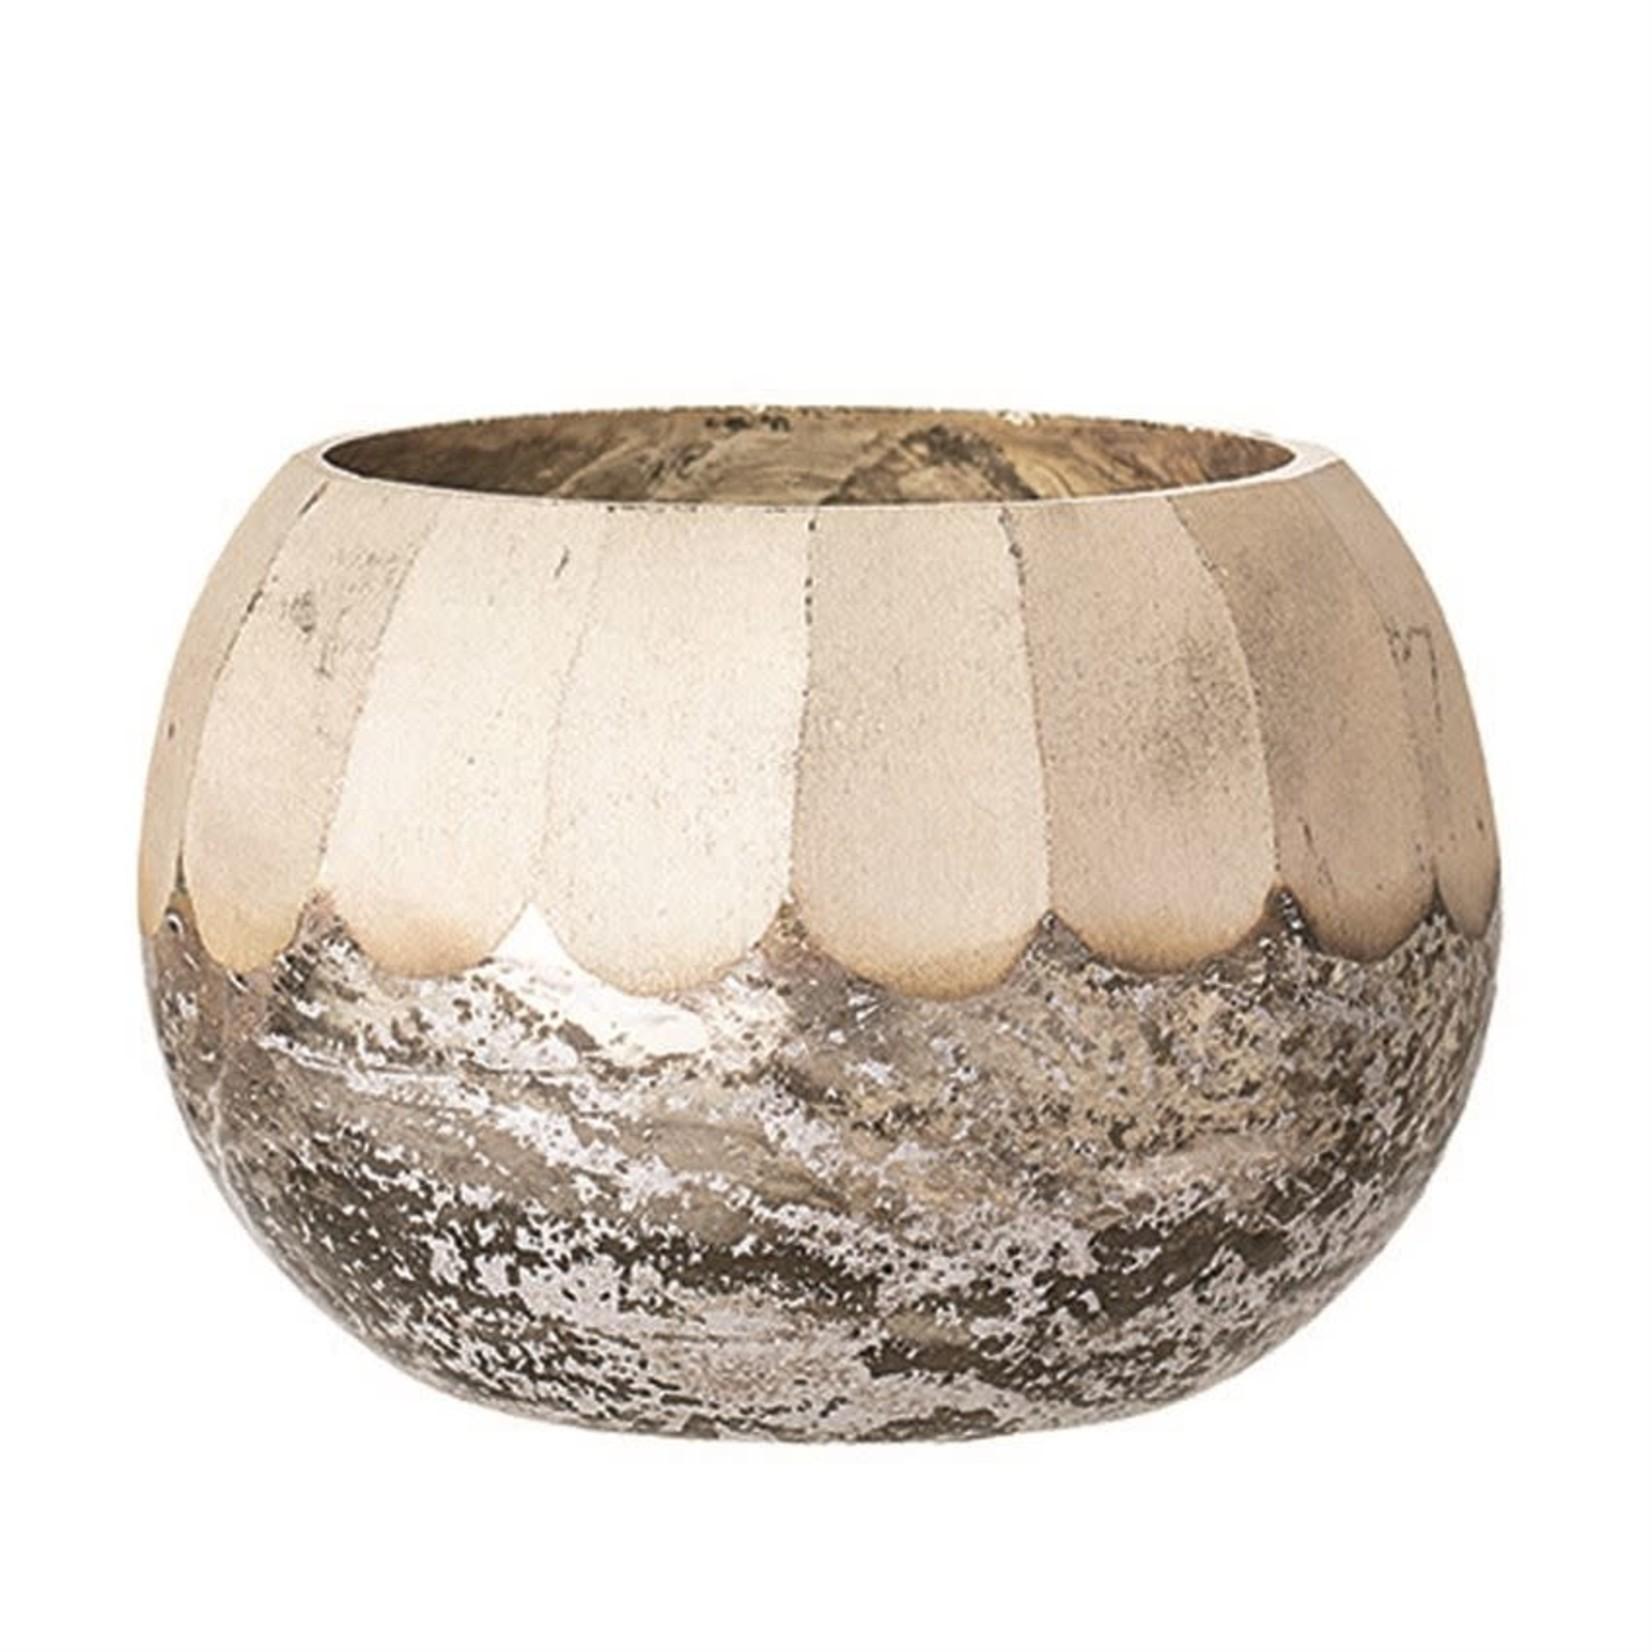 Desert Glass Tealight Holder